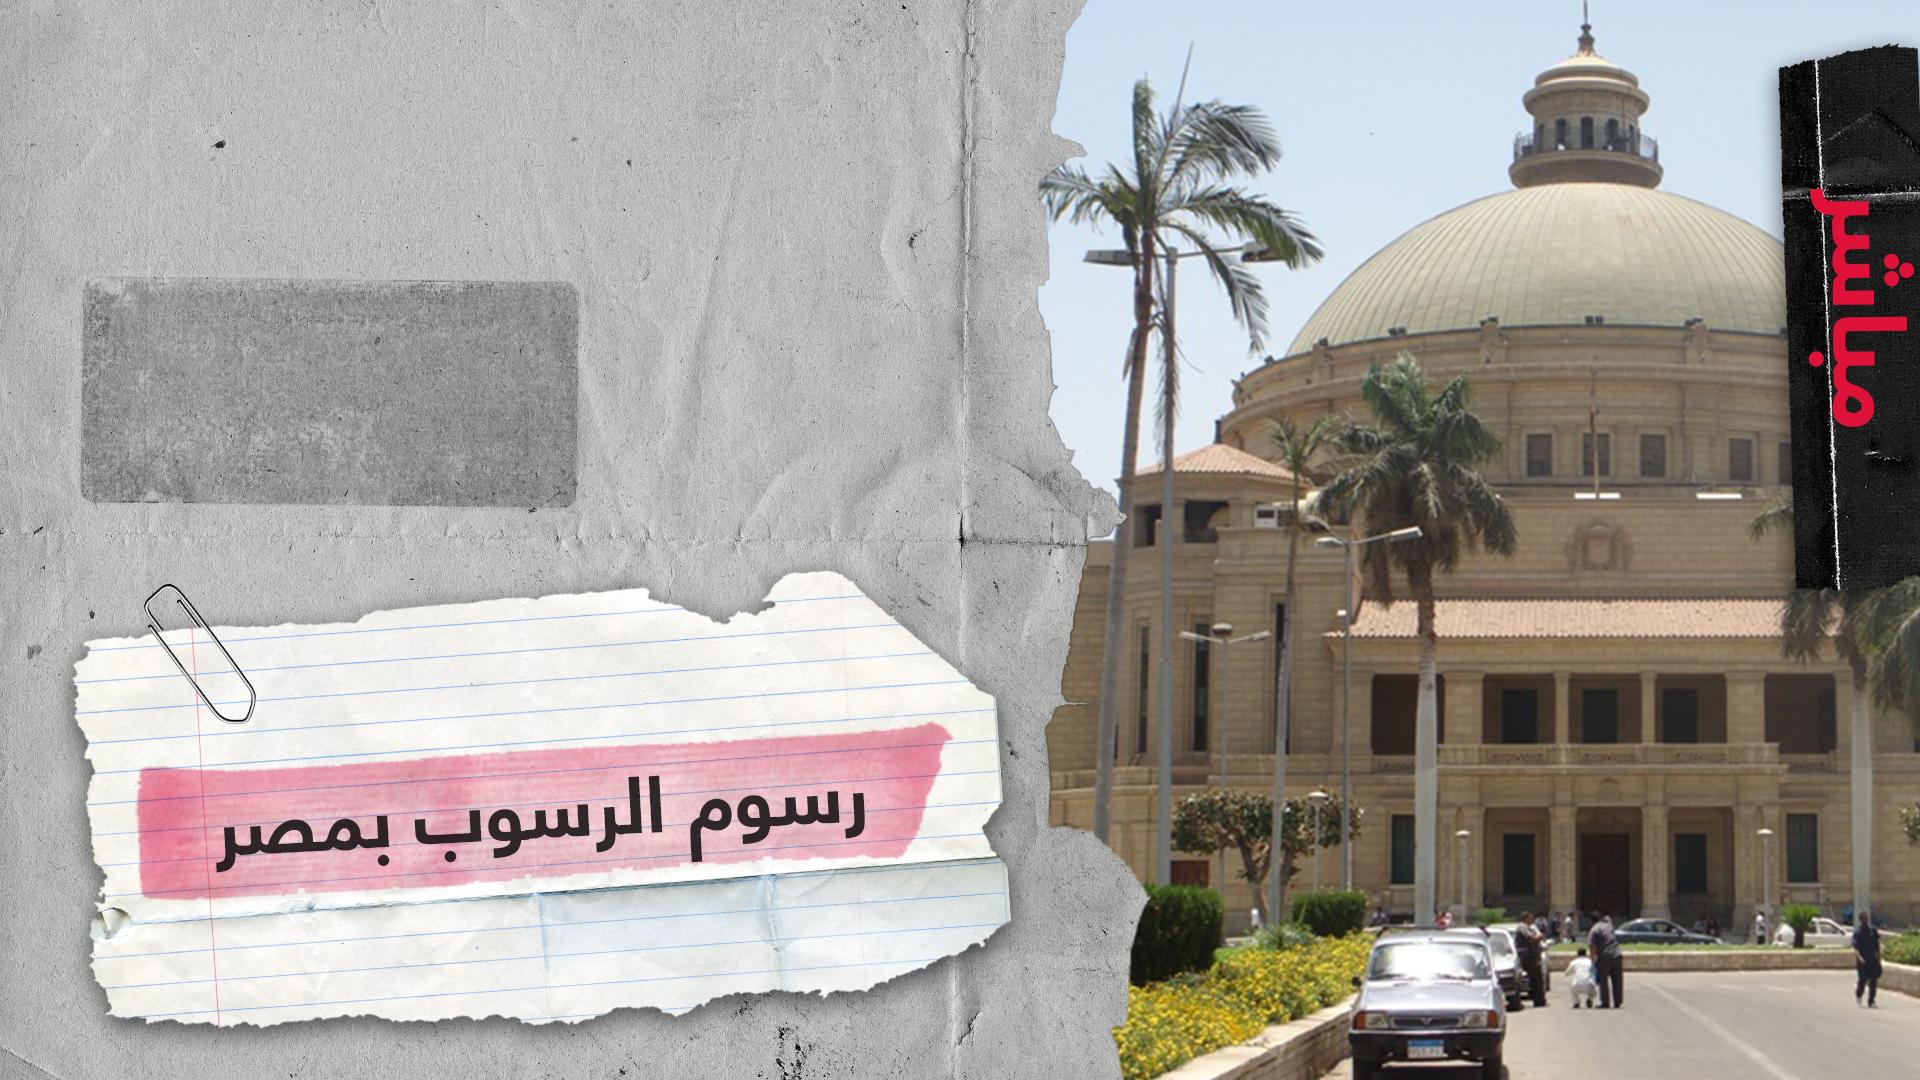 جدل بعد فرض رسوم على الطلاب الراسبين في الجامعات المصرية